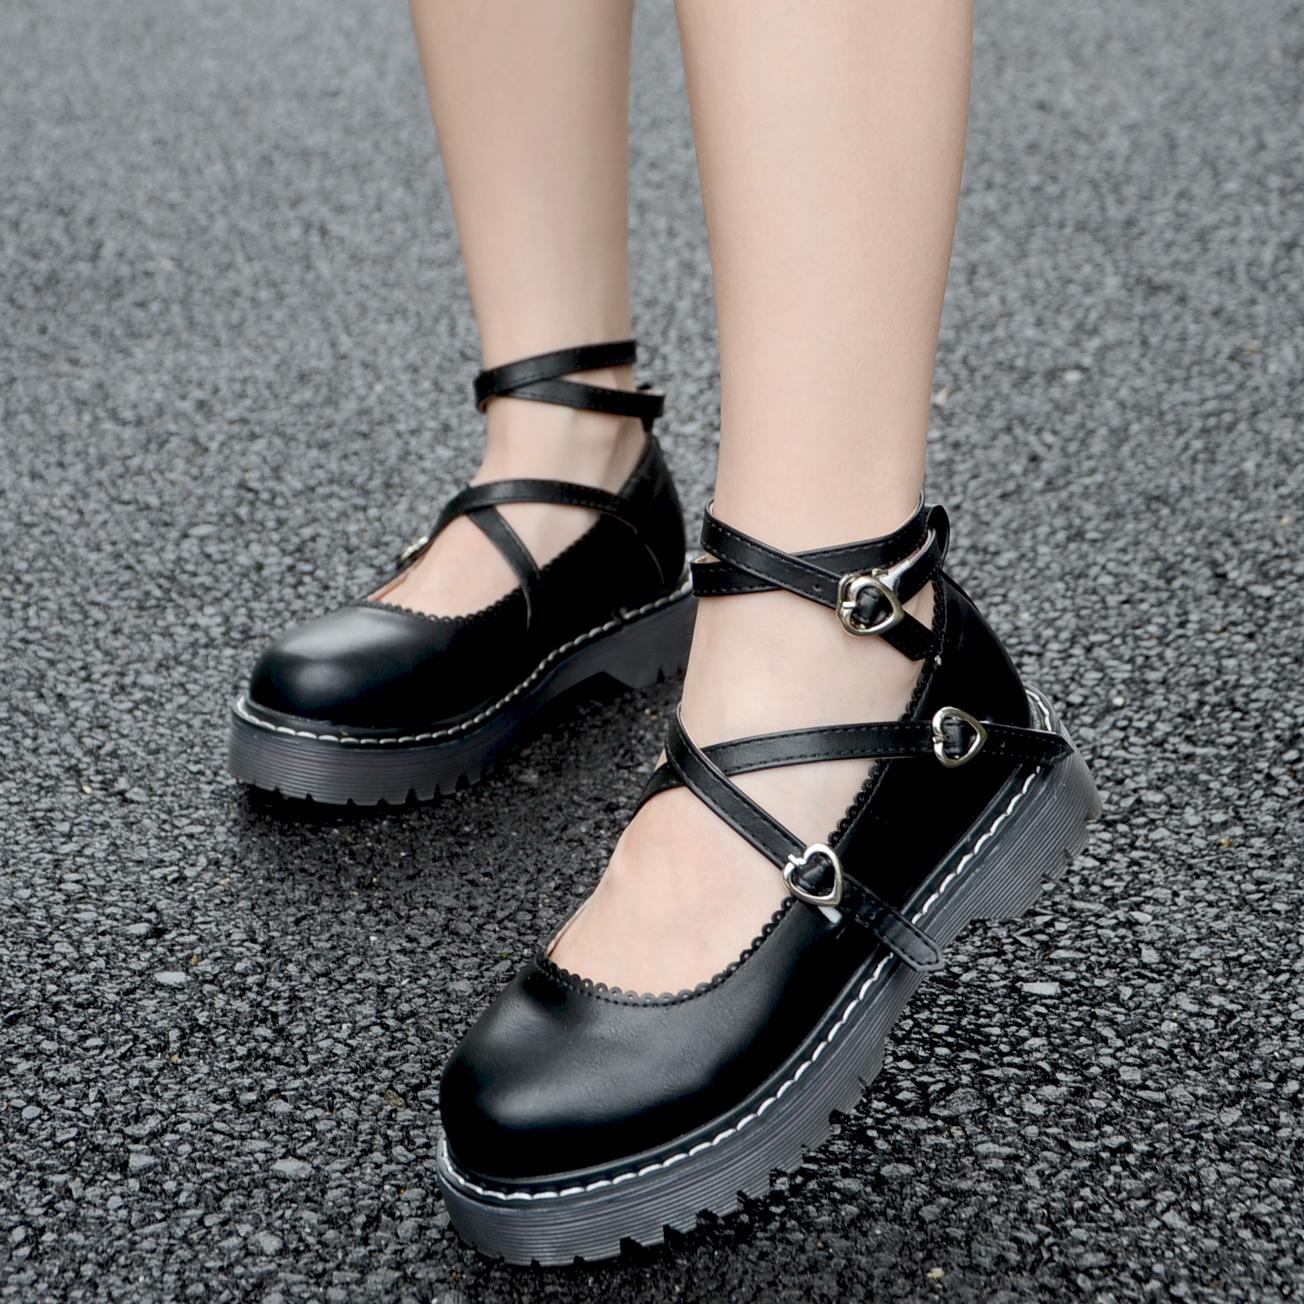 英倫學院小皮鞋女厚底軟妹洛麗塔繫帶圓頭單鞋娃娃鞋原宿淺口女鞋